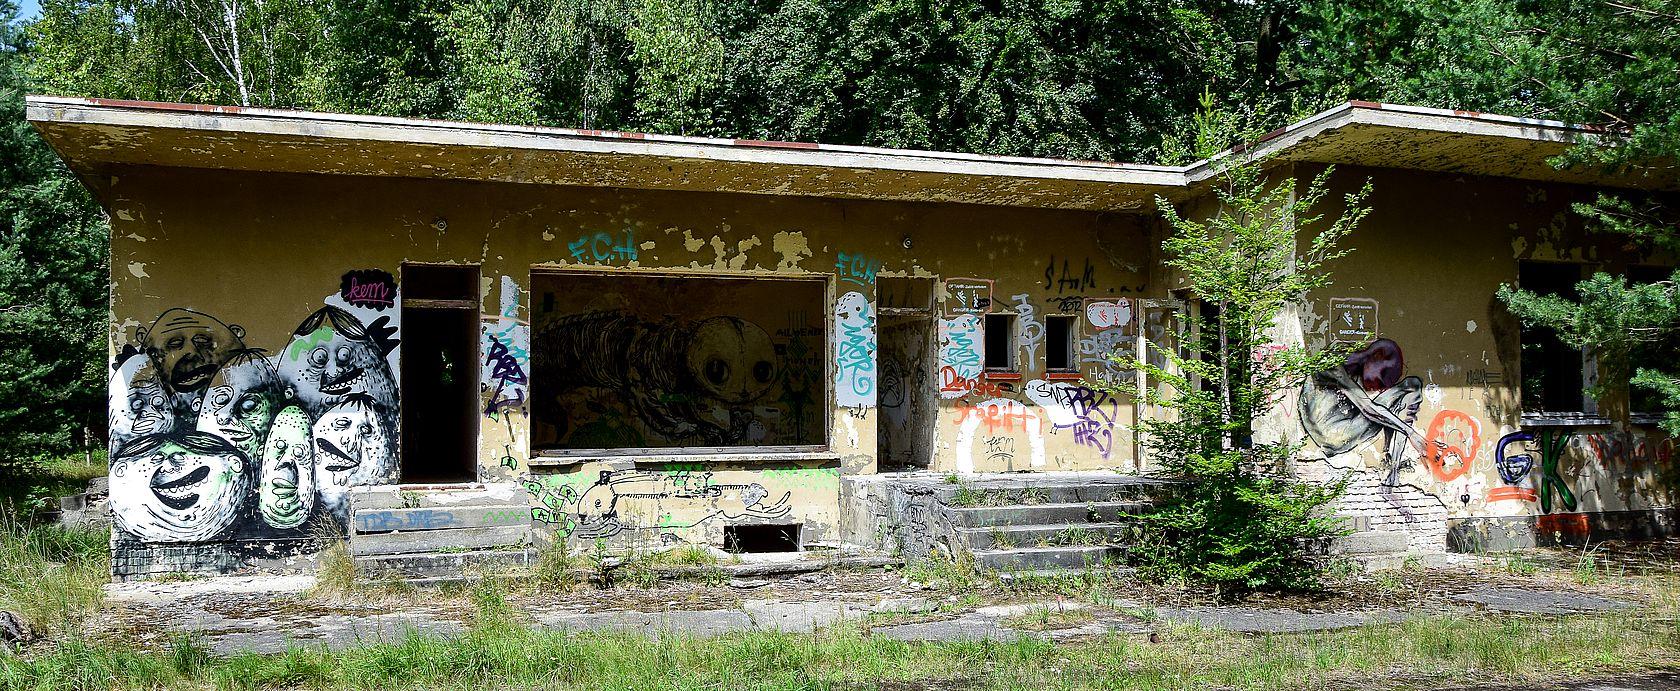 Marode Gebäude im Wald